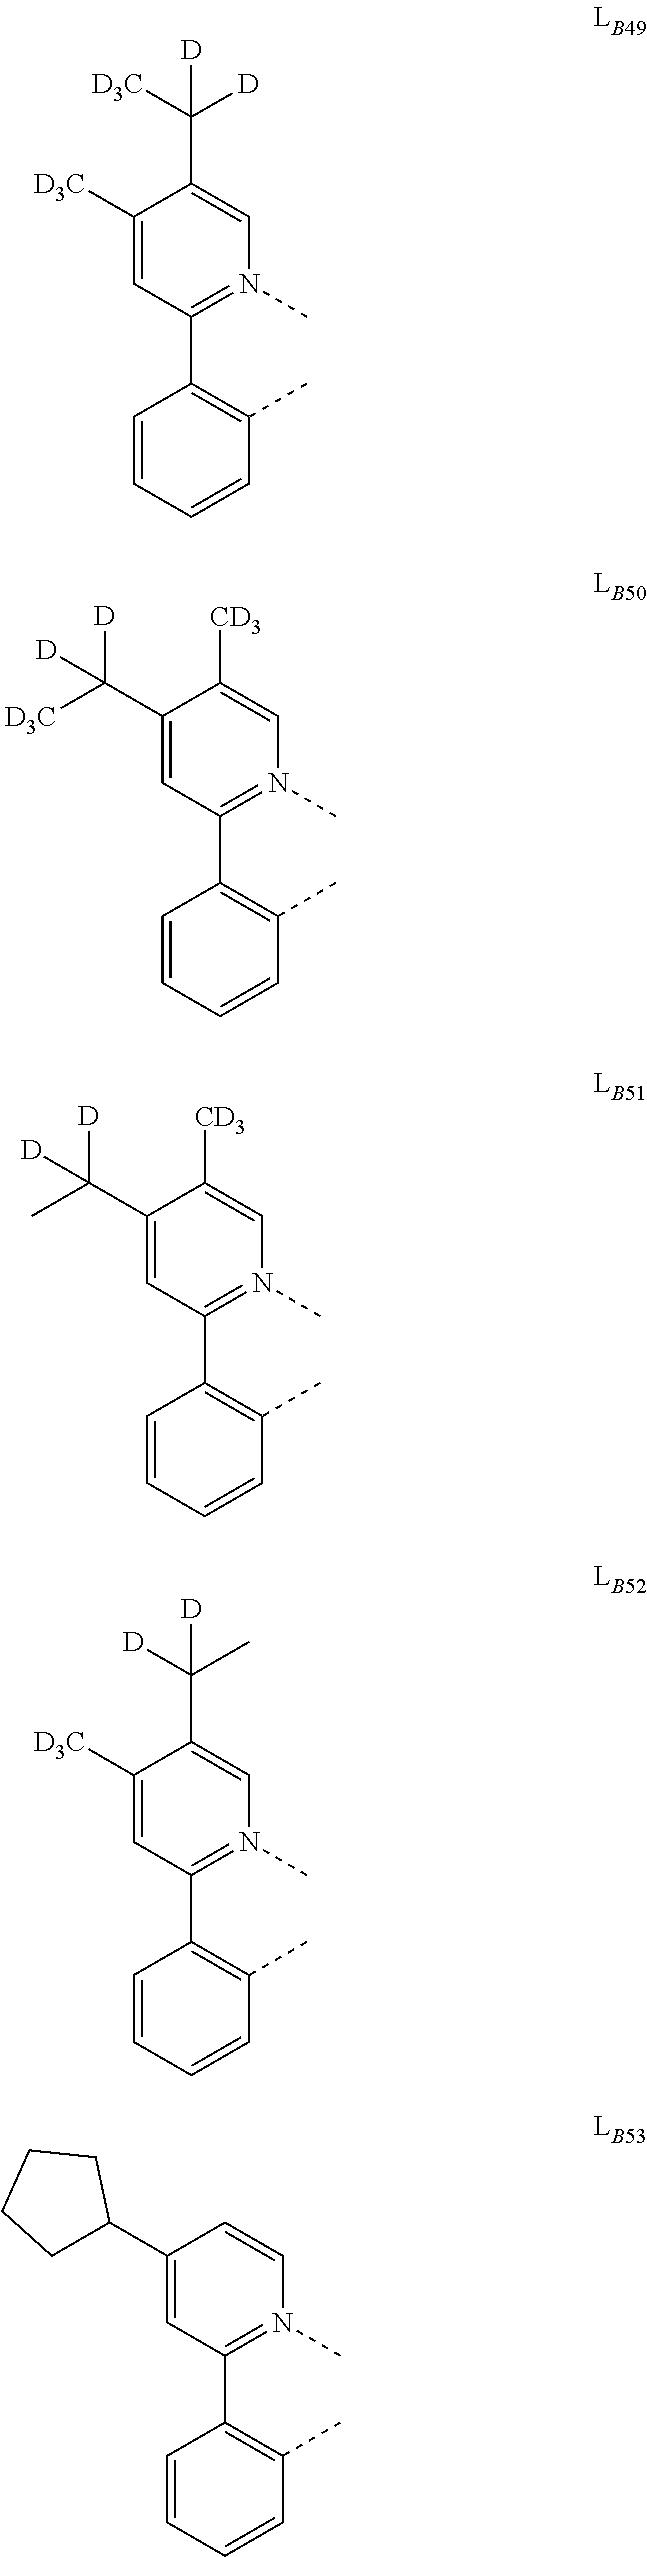 Figure US20180130962A1-20180510-C00269